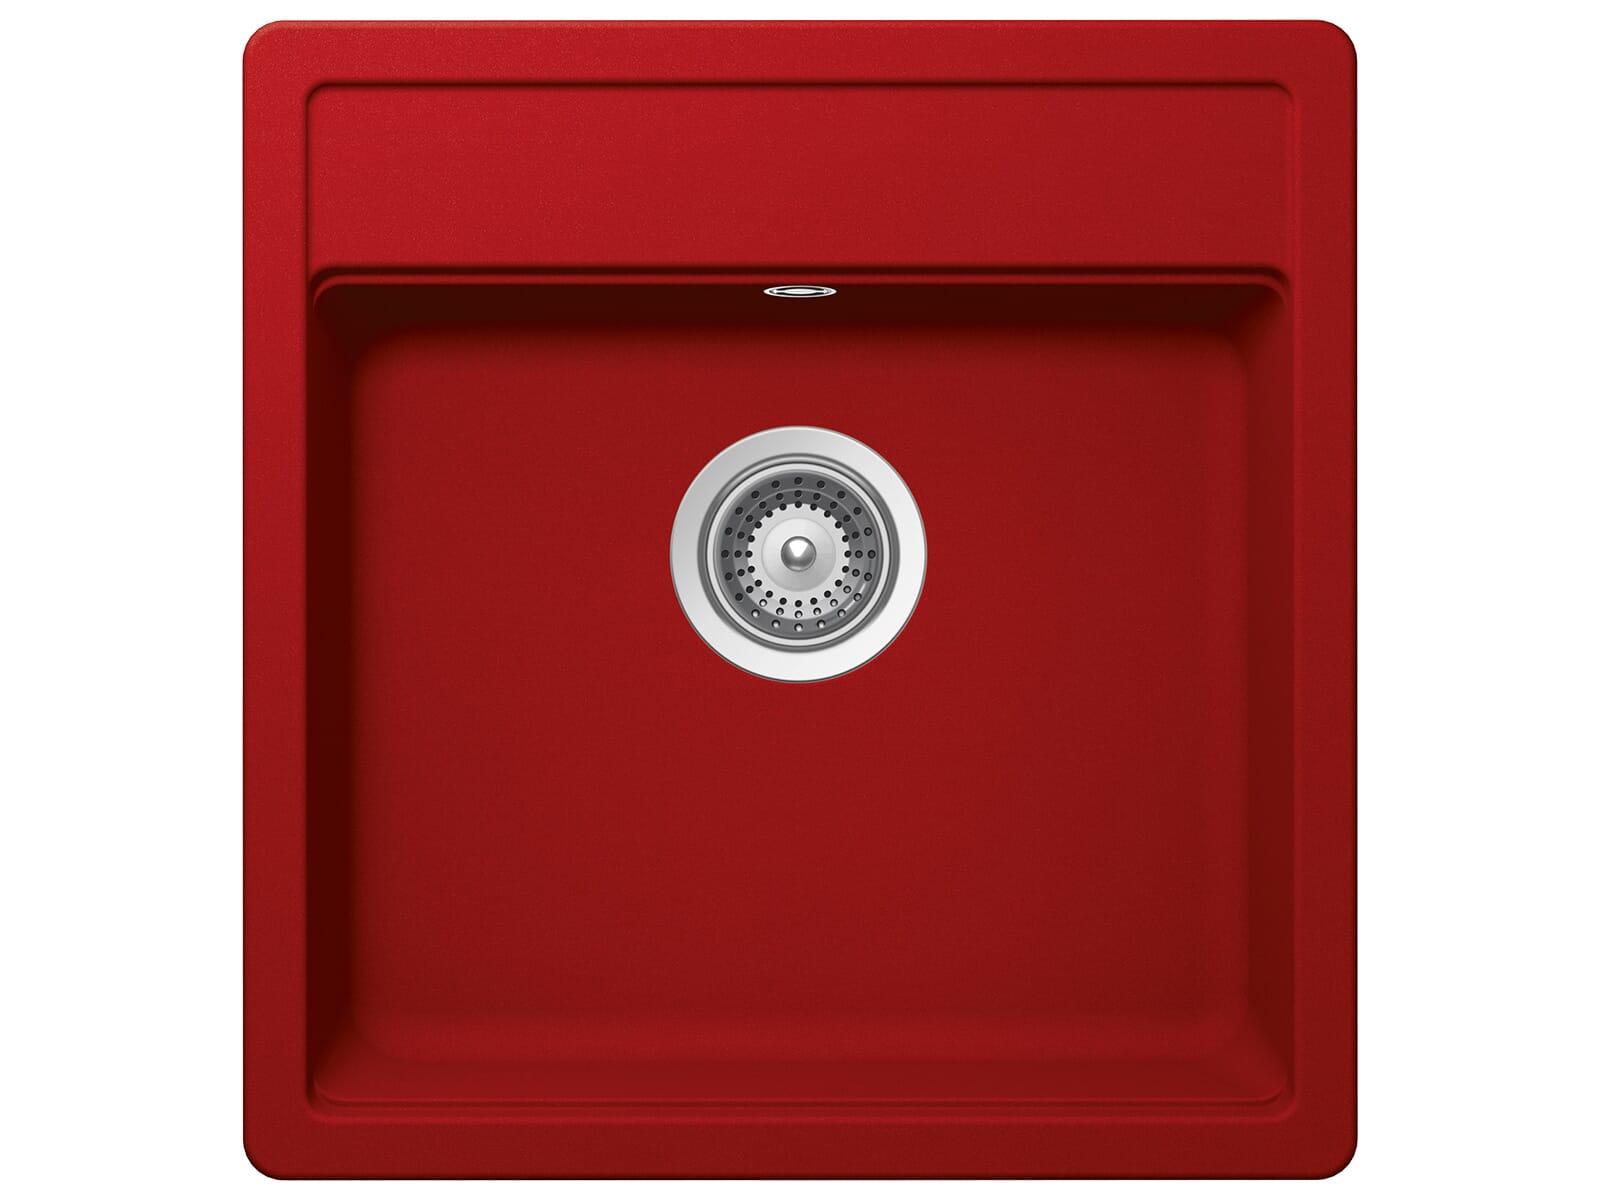 Schock Mono N-100S A Rouge - MONN100SAROU Granitspüle